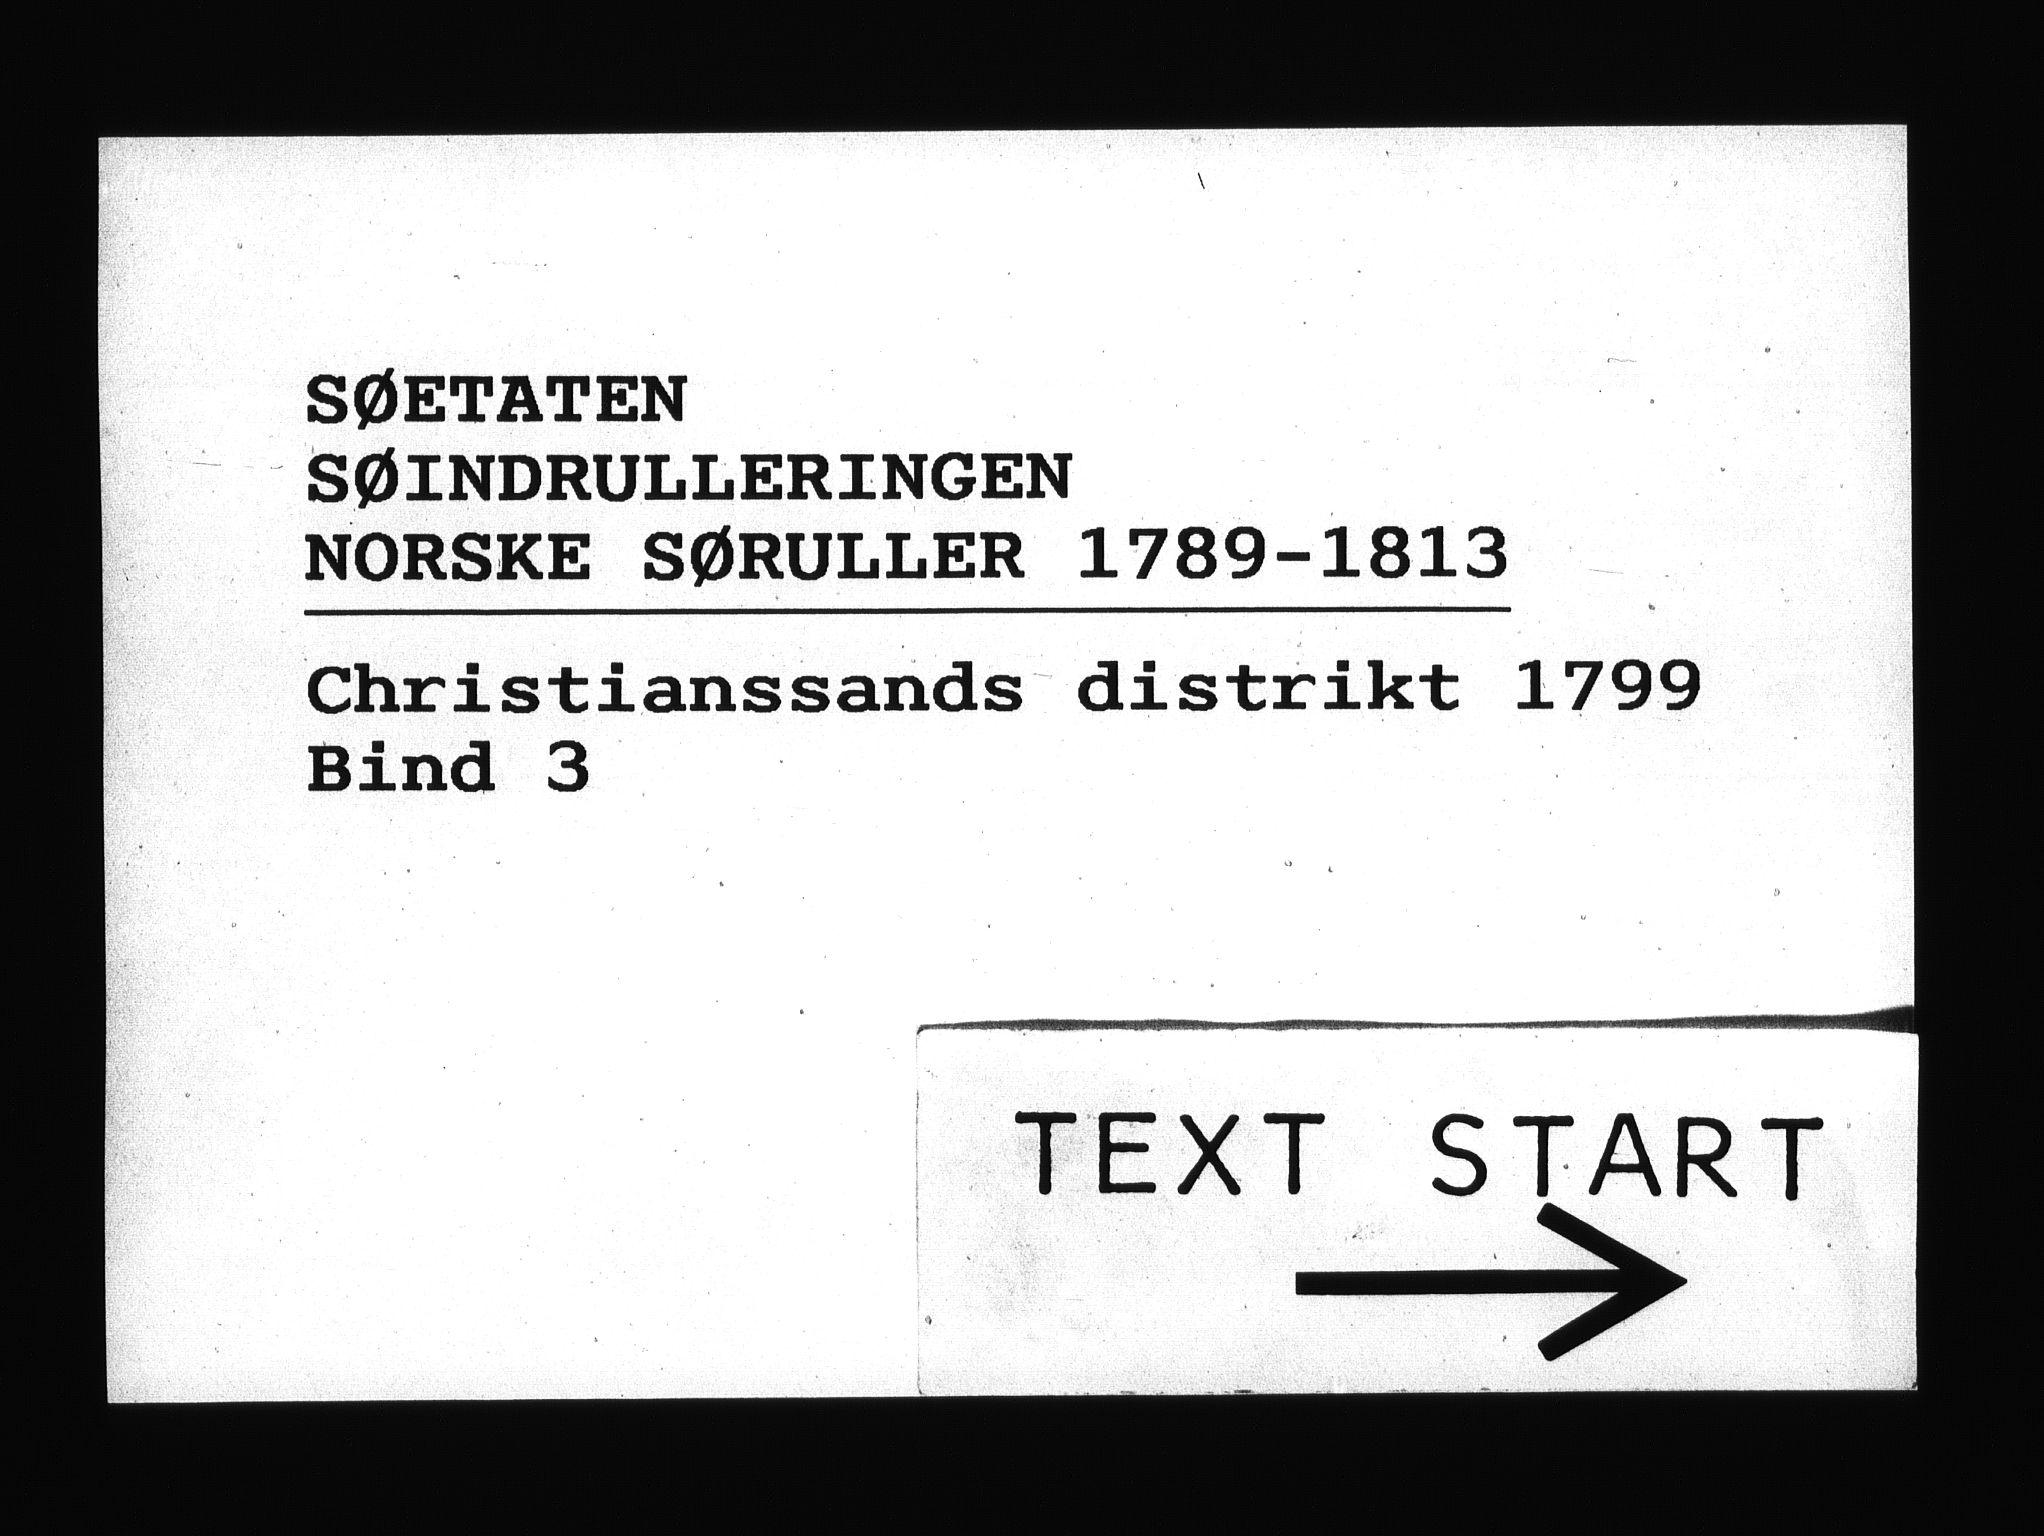 RA, Sjøetaten, F/L0034: Kristiansand distrikt, bind 3, 1799